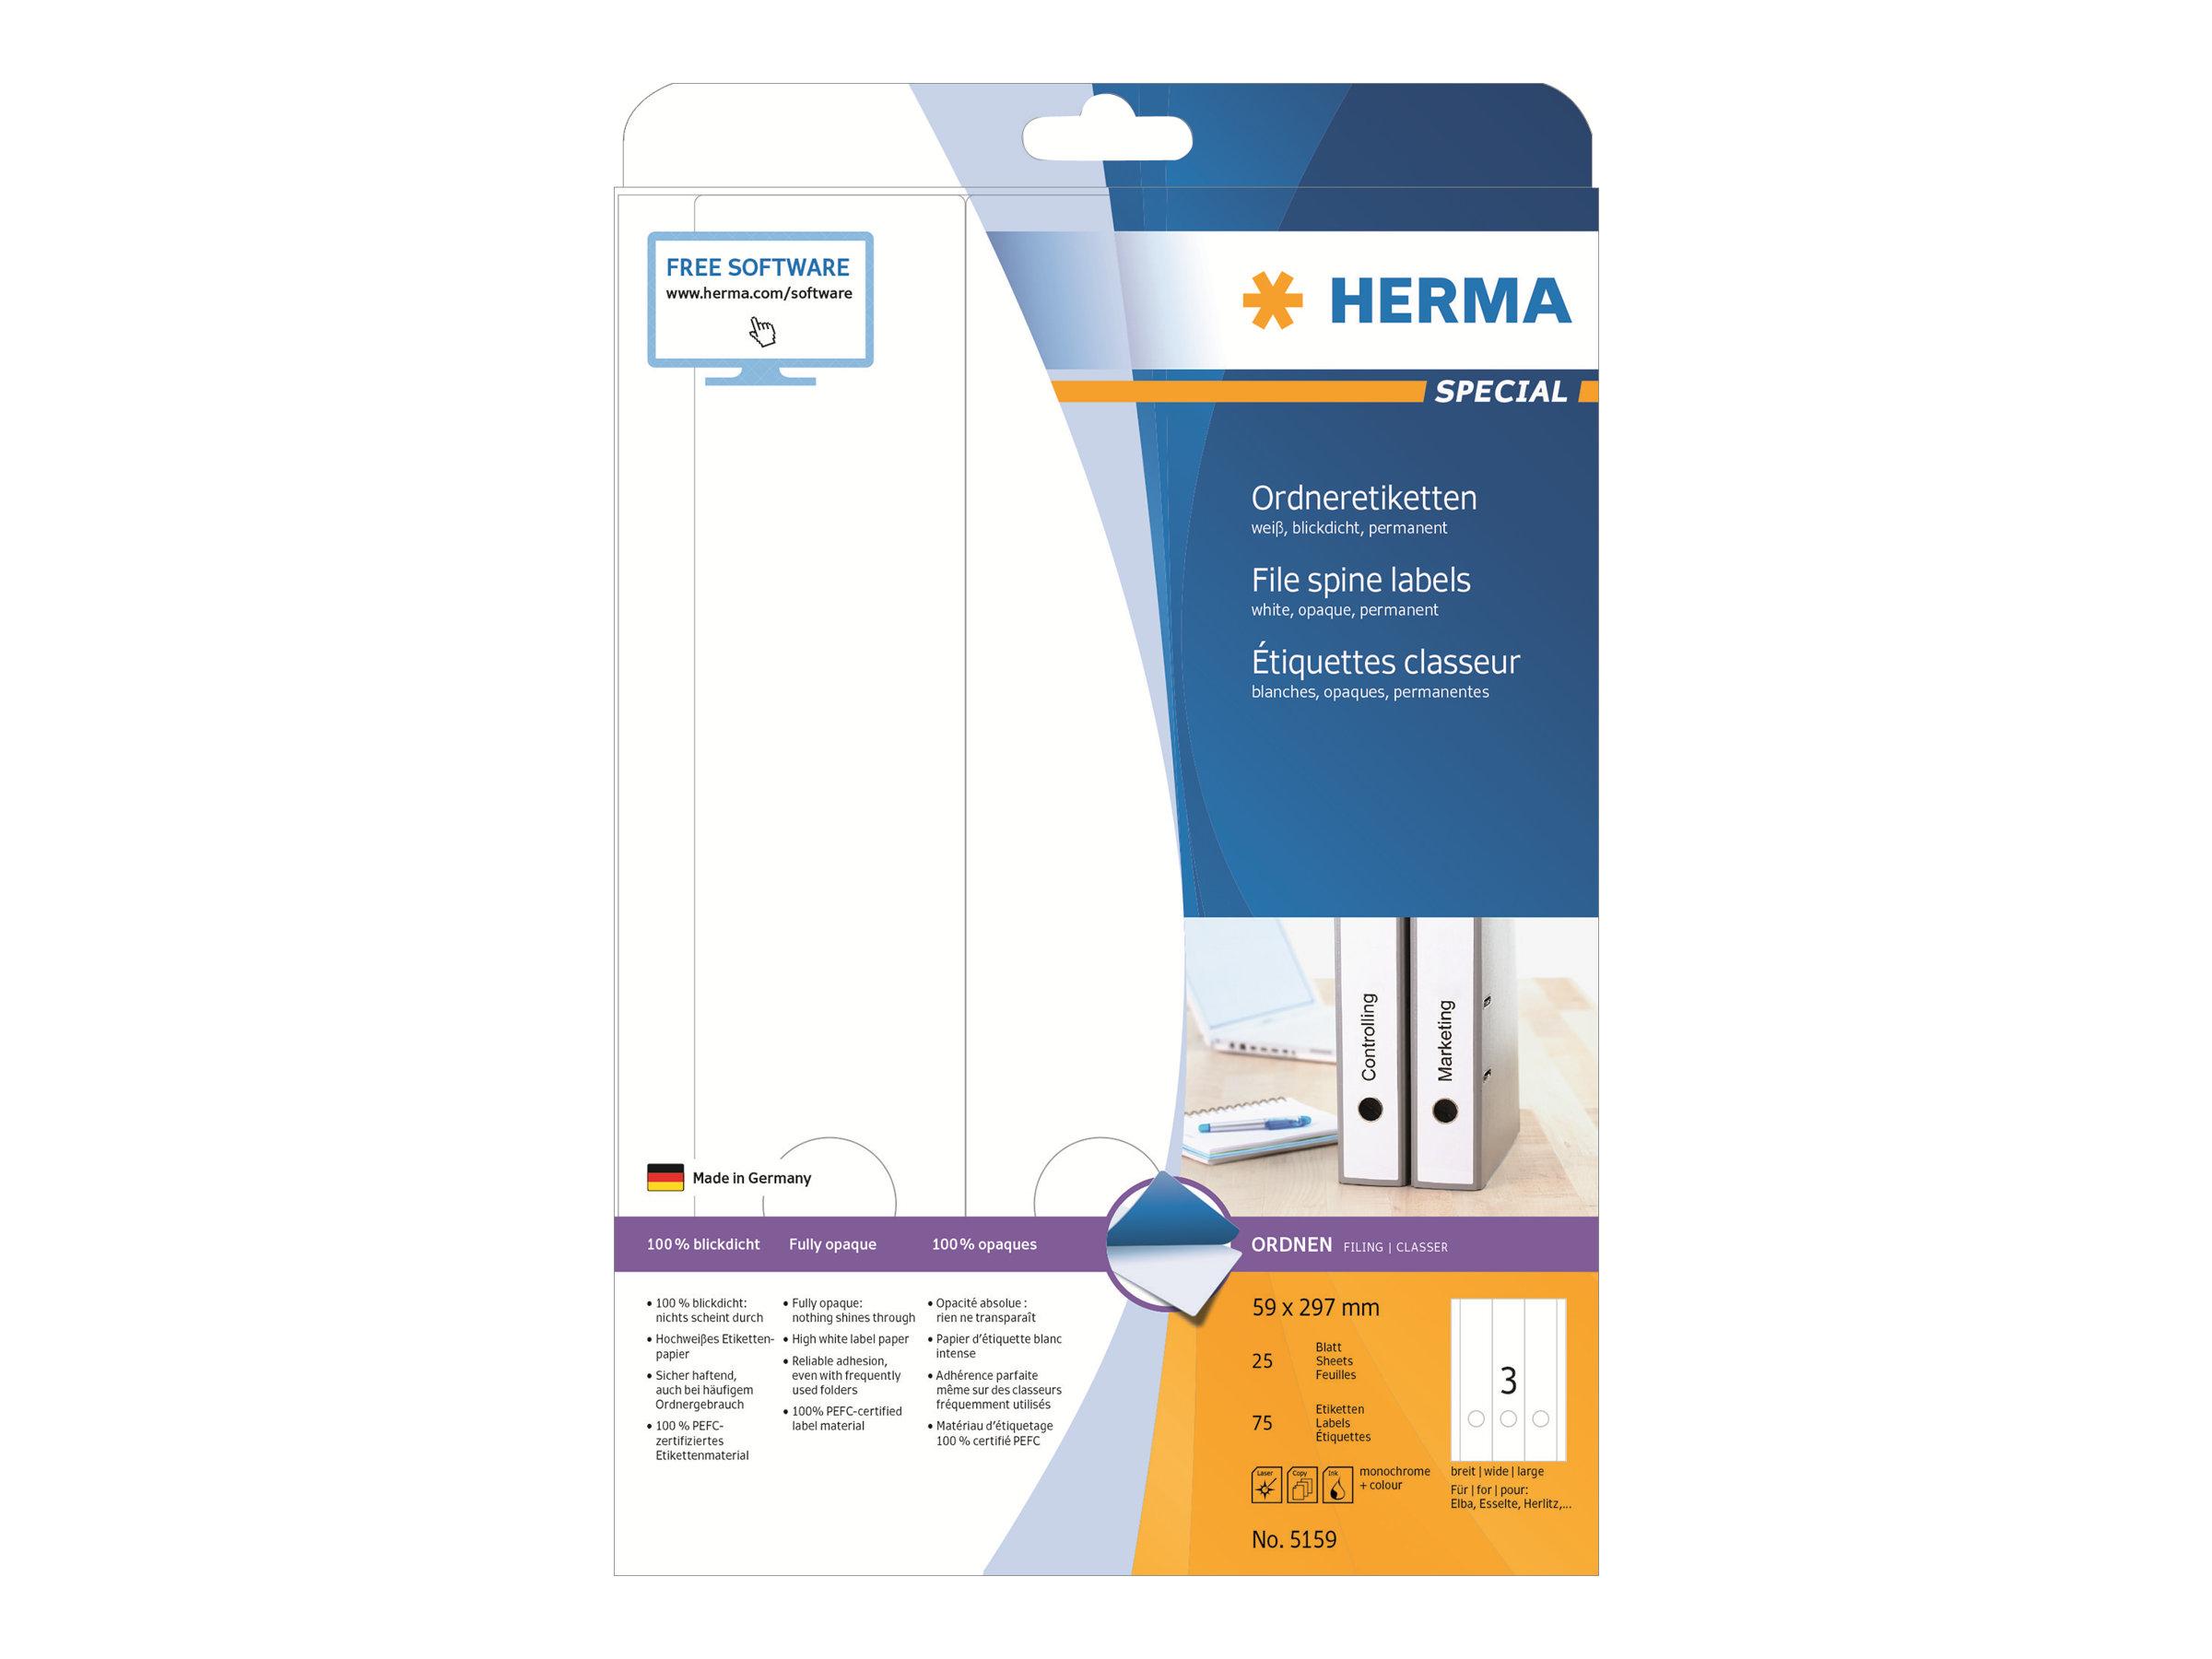 HERMA Special - Papier - matt - permanent selbstklebend - perforiert - weiß - 59 x 297 mm 75 Etikett(en) (25 Bogen x 3)